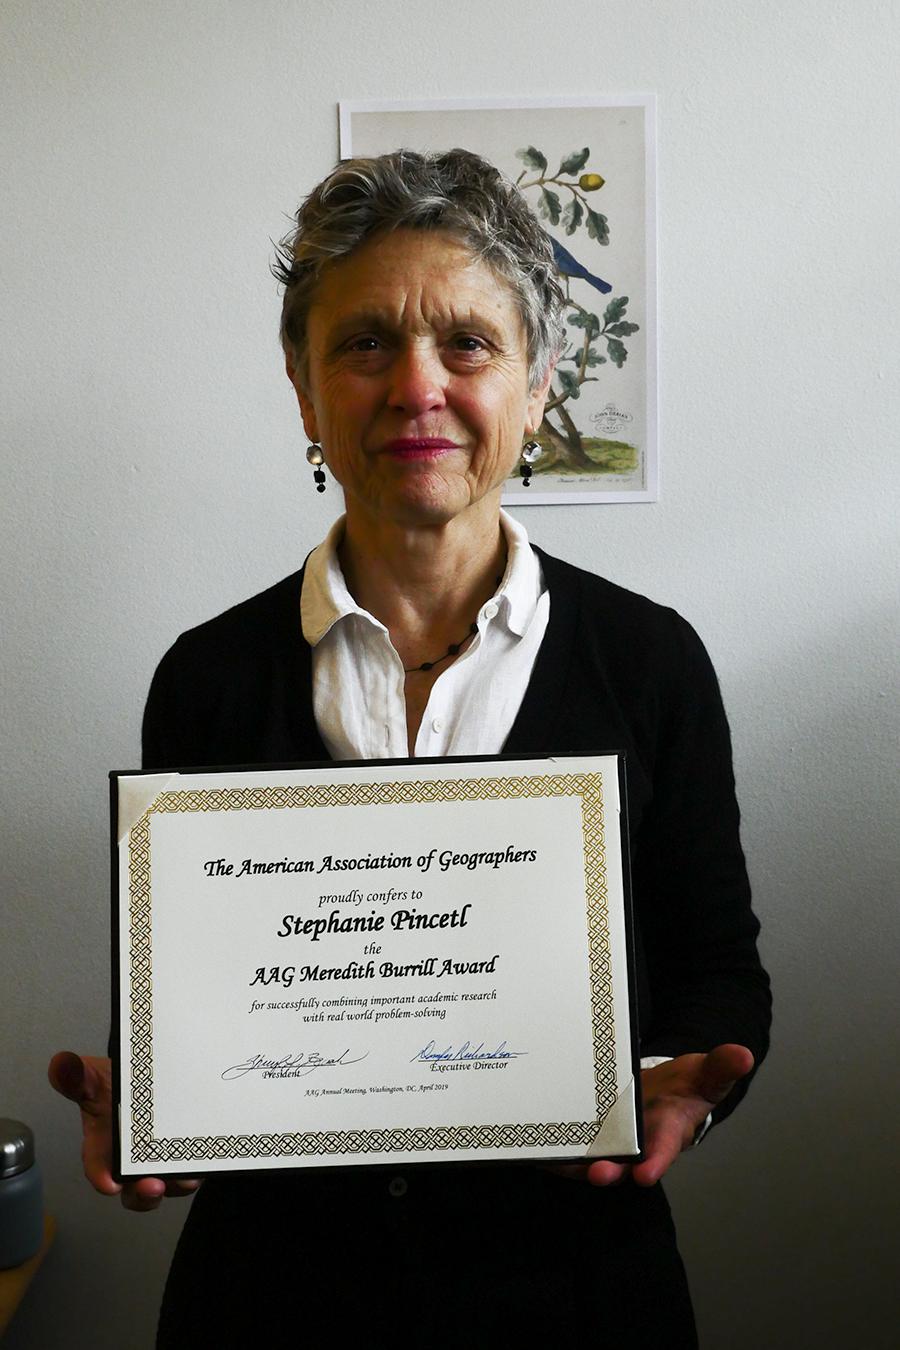 stephanie pincetl burrill-award